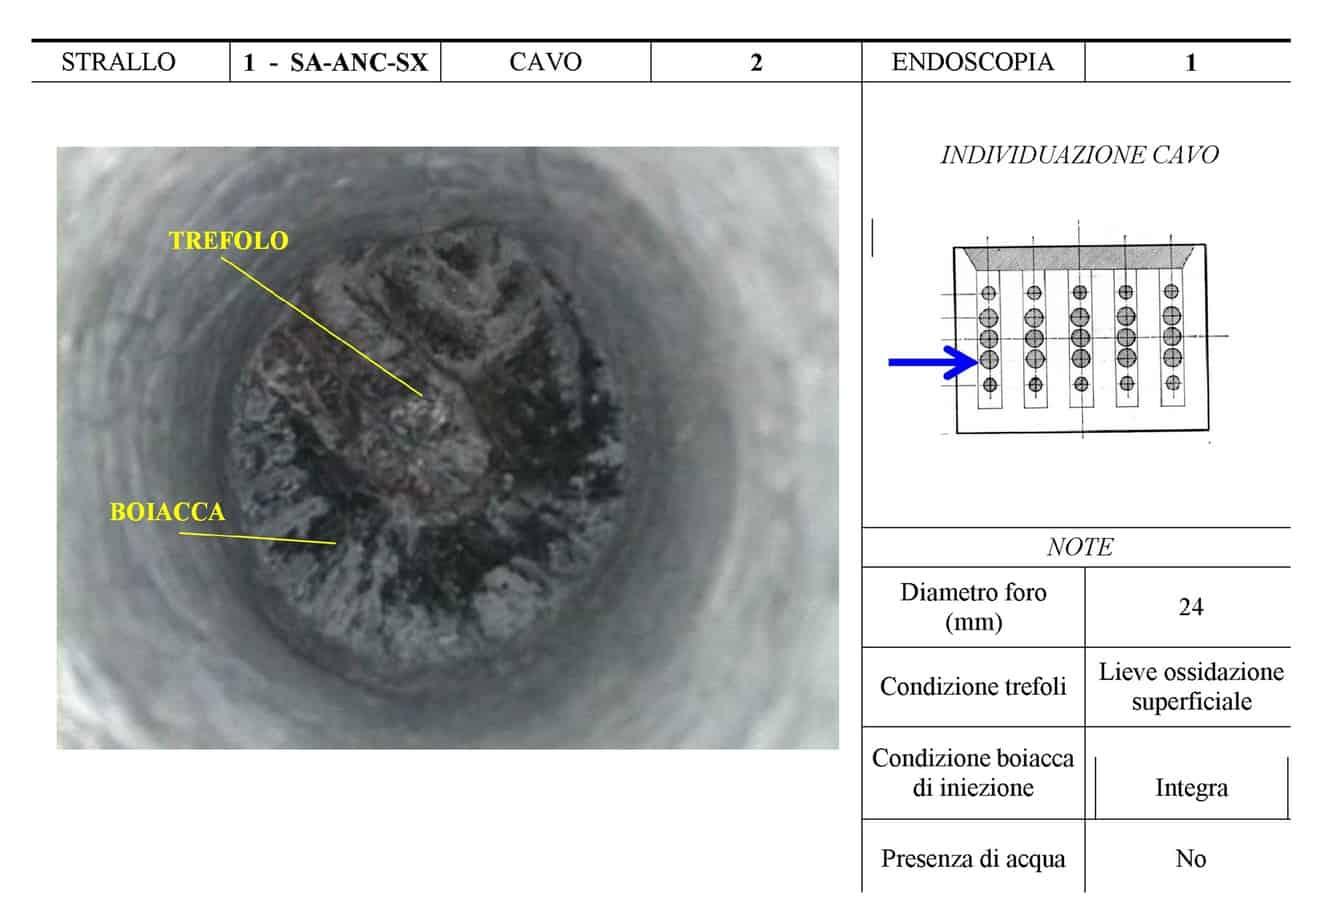 La prospezione endoscopica